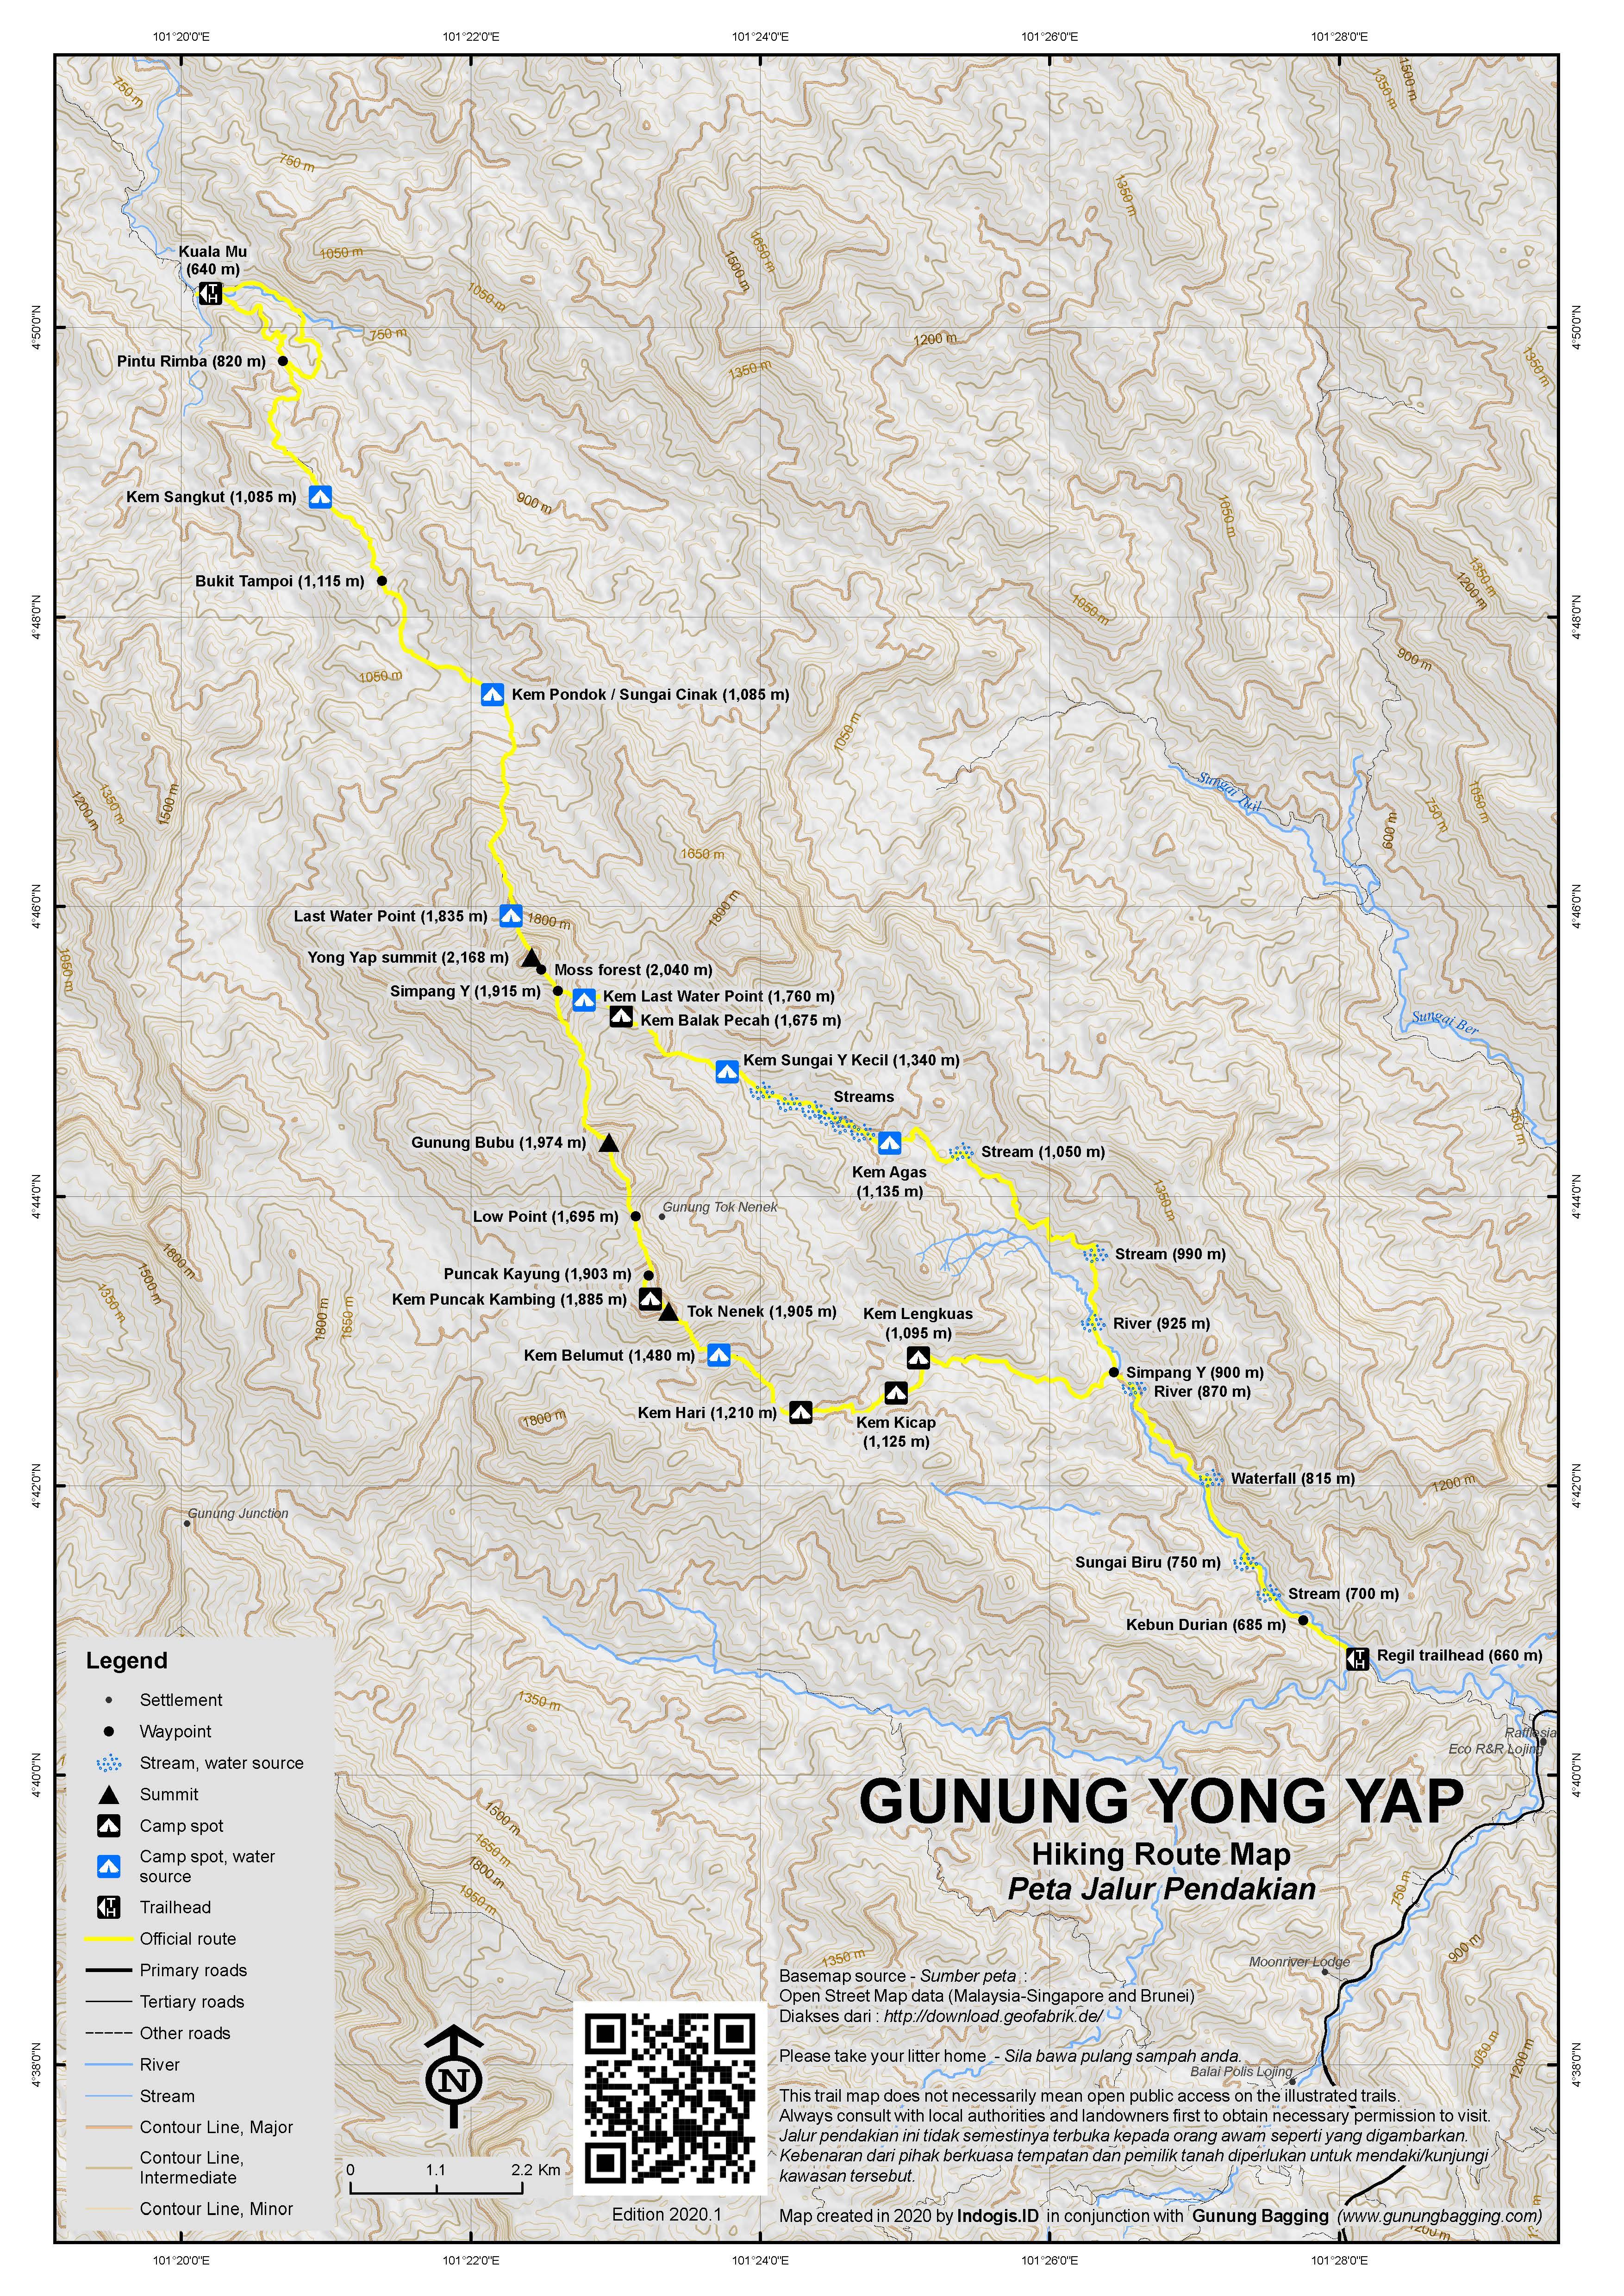 Peta Jalur Pendakian Gunung Yong Yap